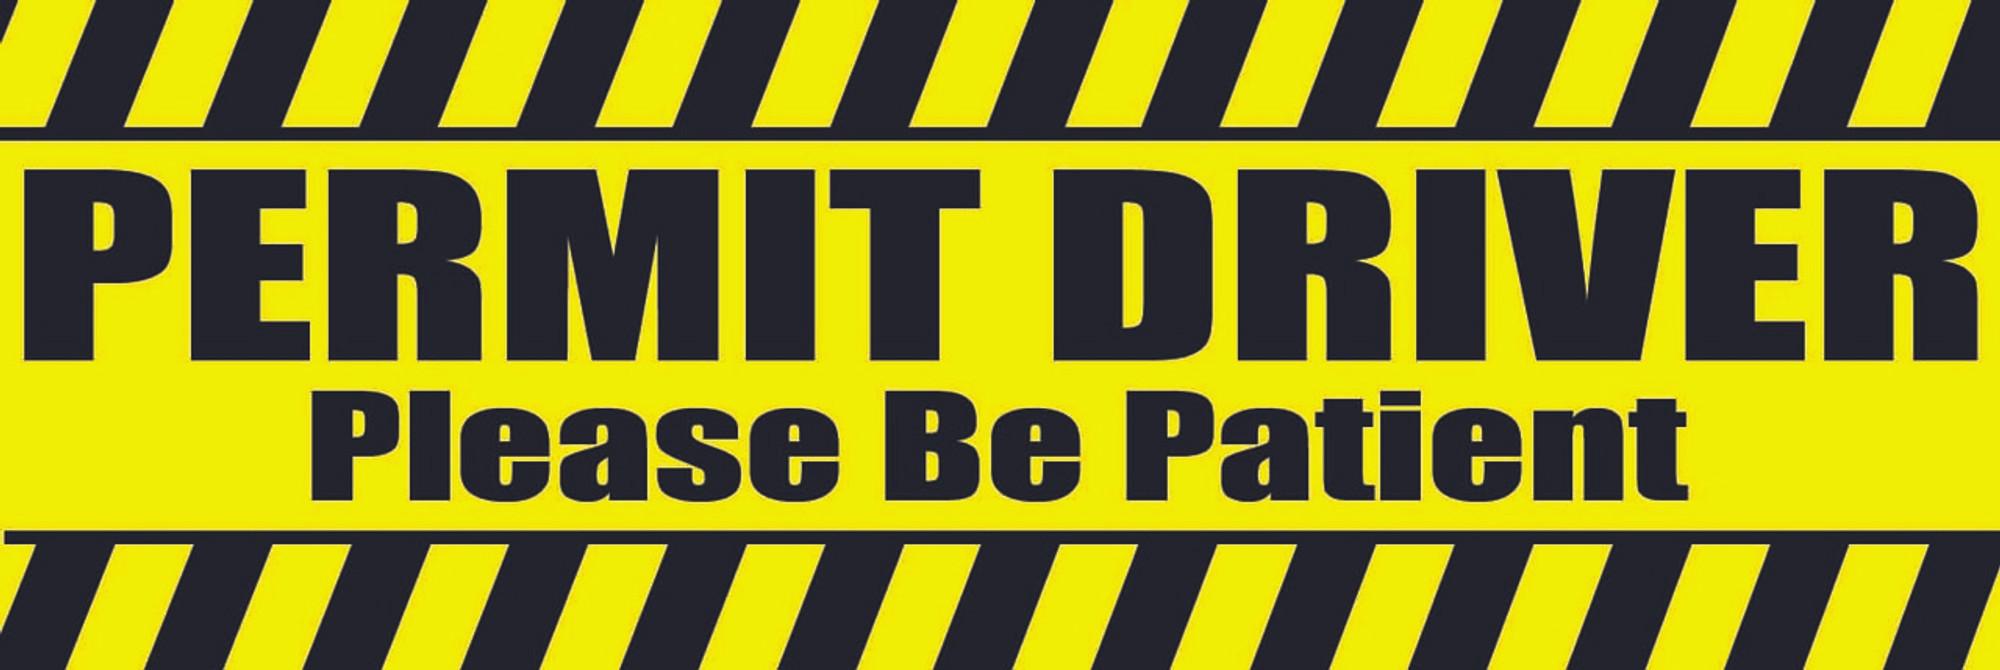 9e6c40dea9e17 Decal-Permit Driver-1 flo yellow - Onestringer